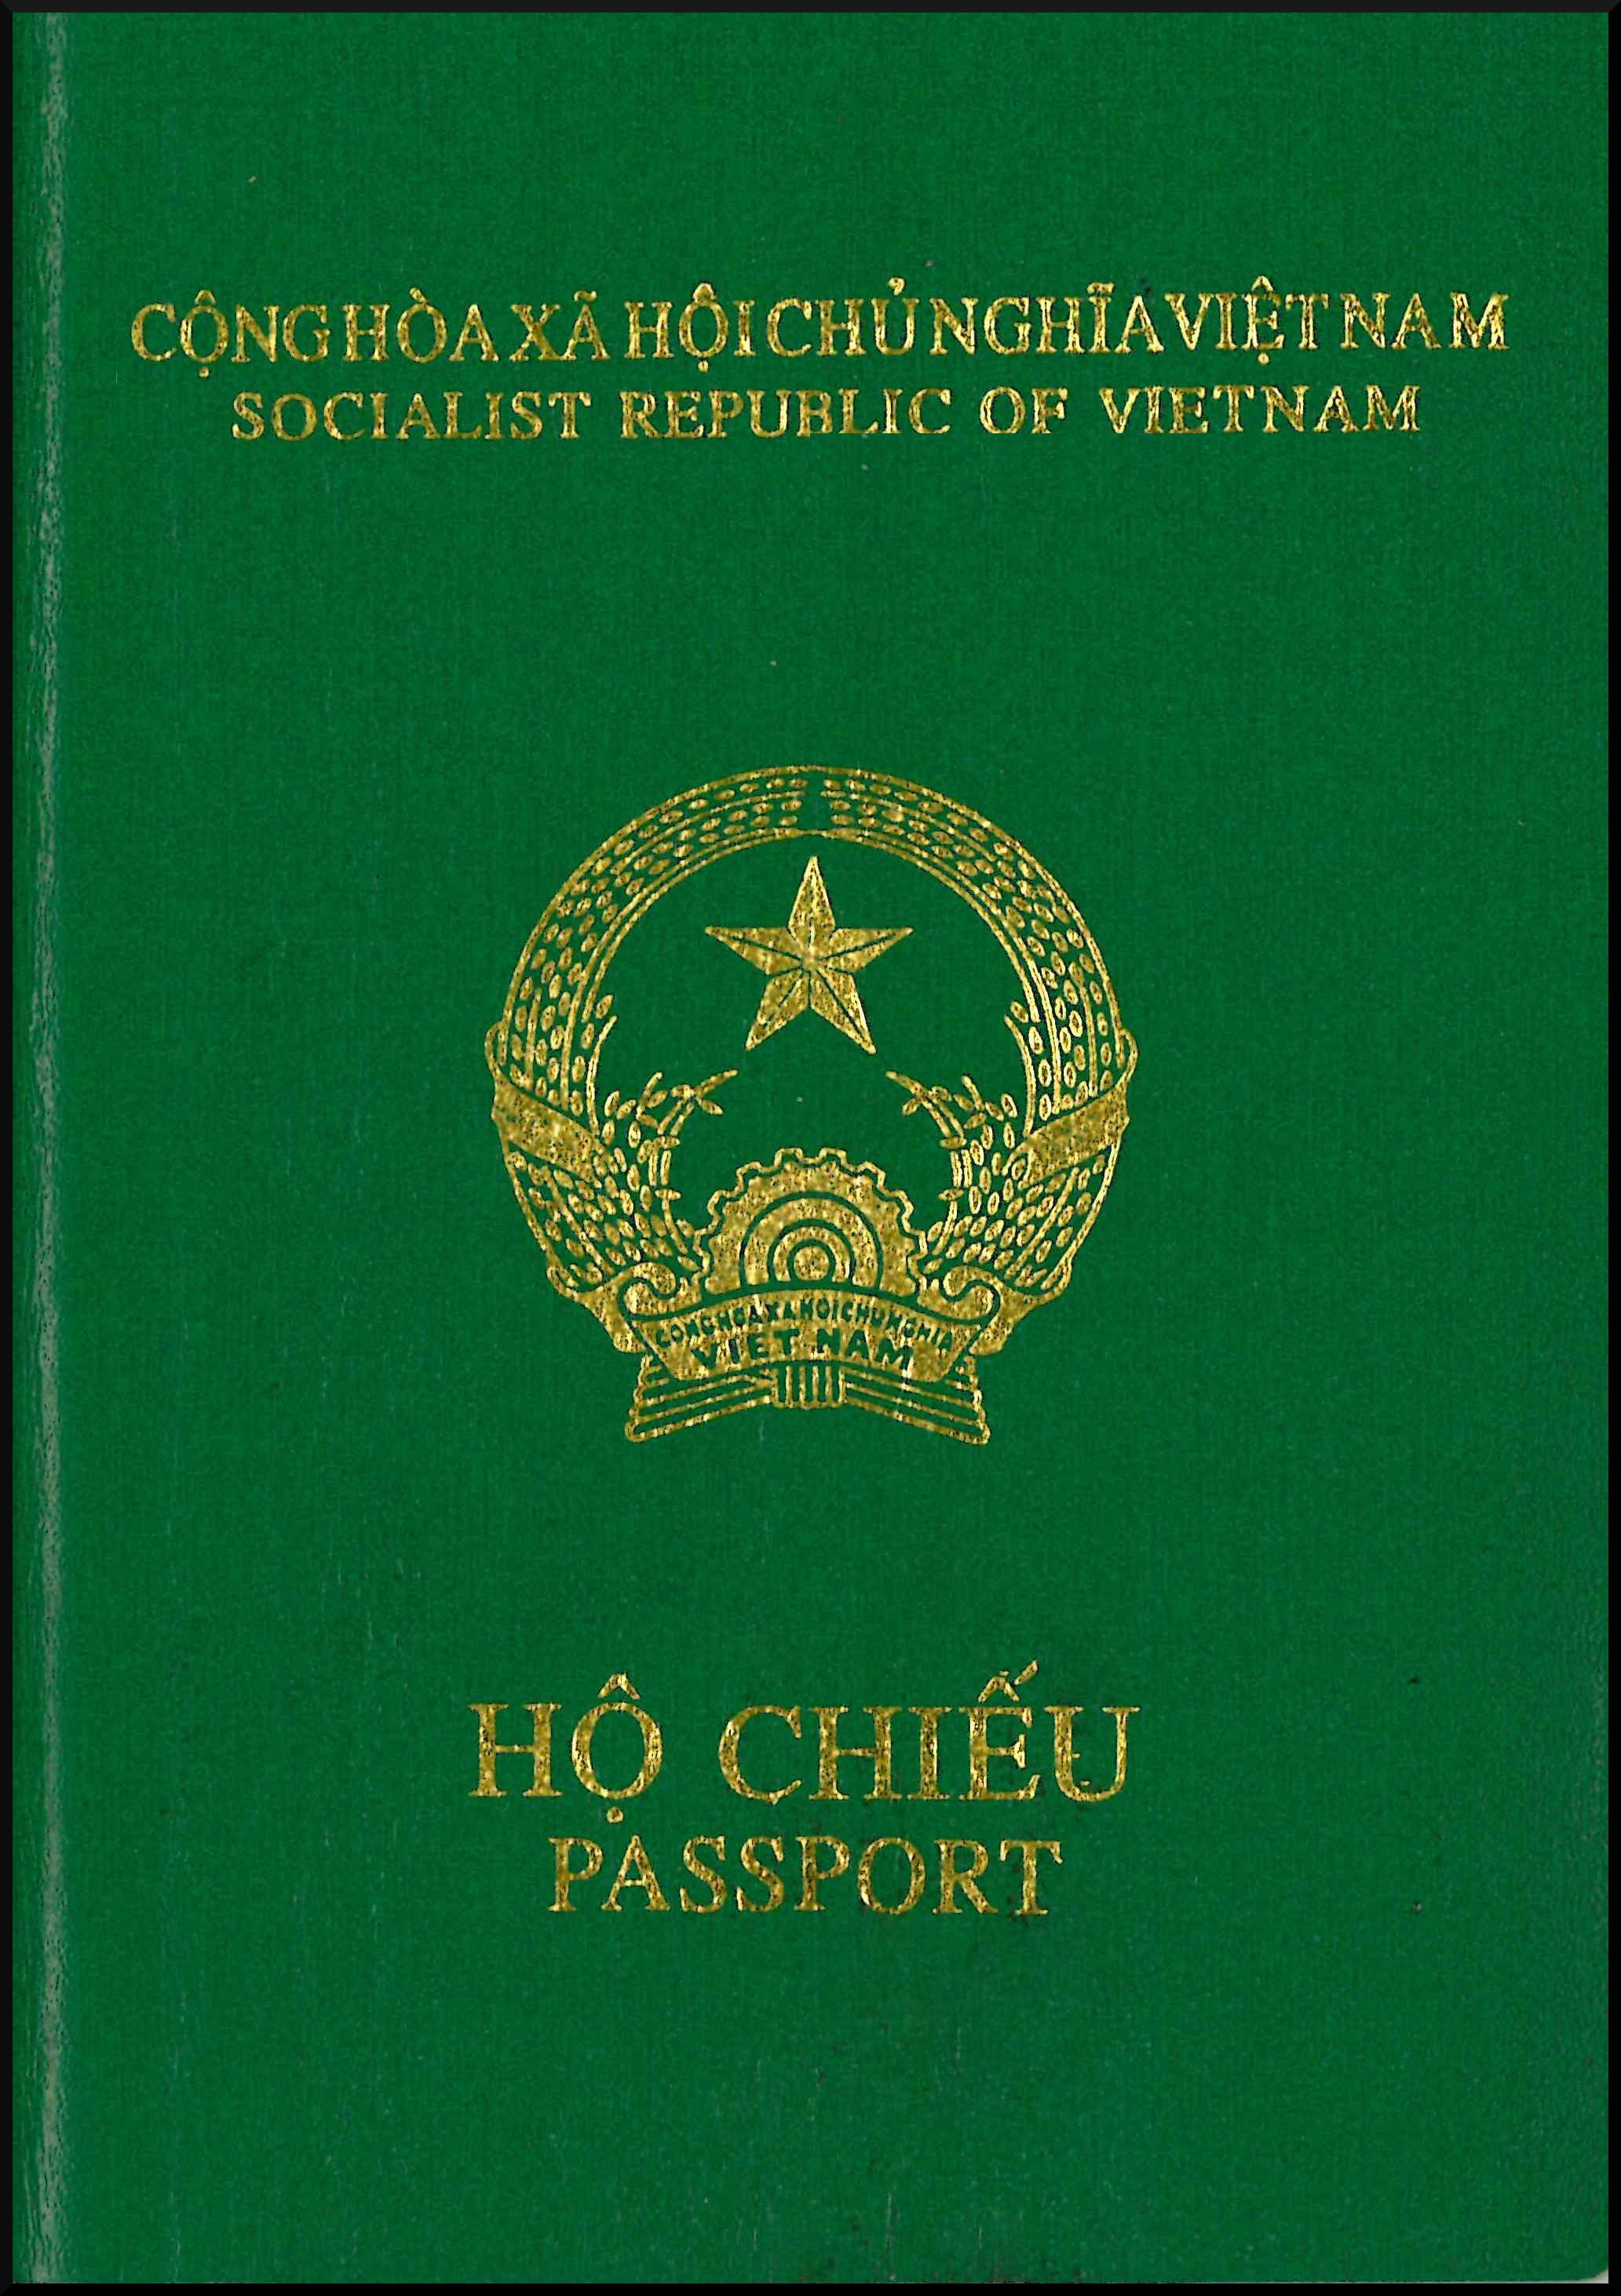 Паспорт Вьетнама